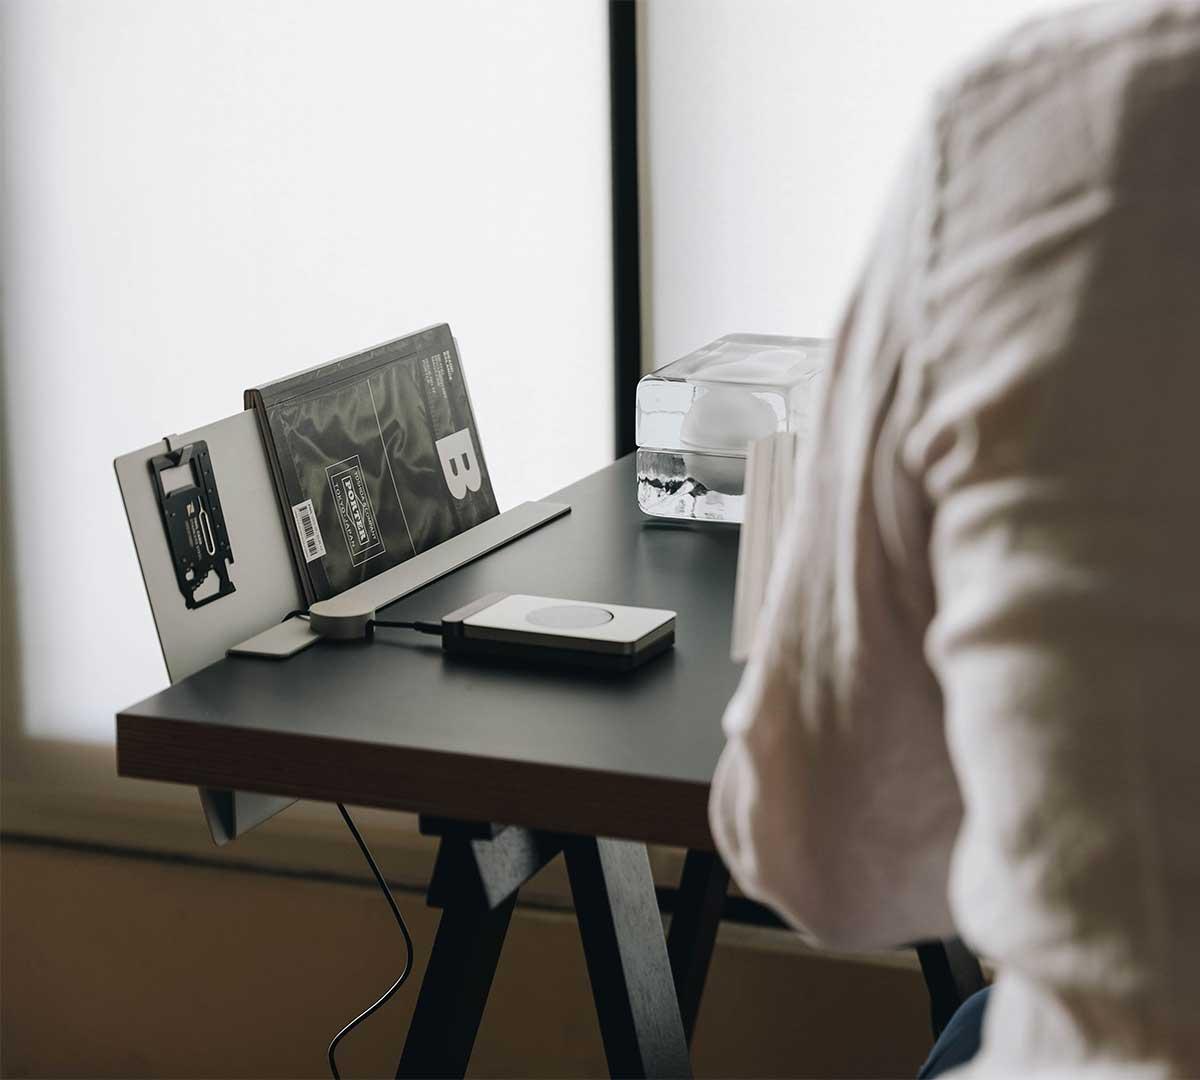 専用のマグネットケーブルホルダーでもっと便利に。デスクの書類を瞬時に片づけ、途中のタスクをすぐ再開できる「貼るデスクラック」|ZENLET The Rack(ゼンレット ザ ラック)